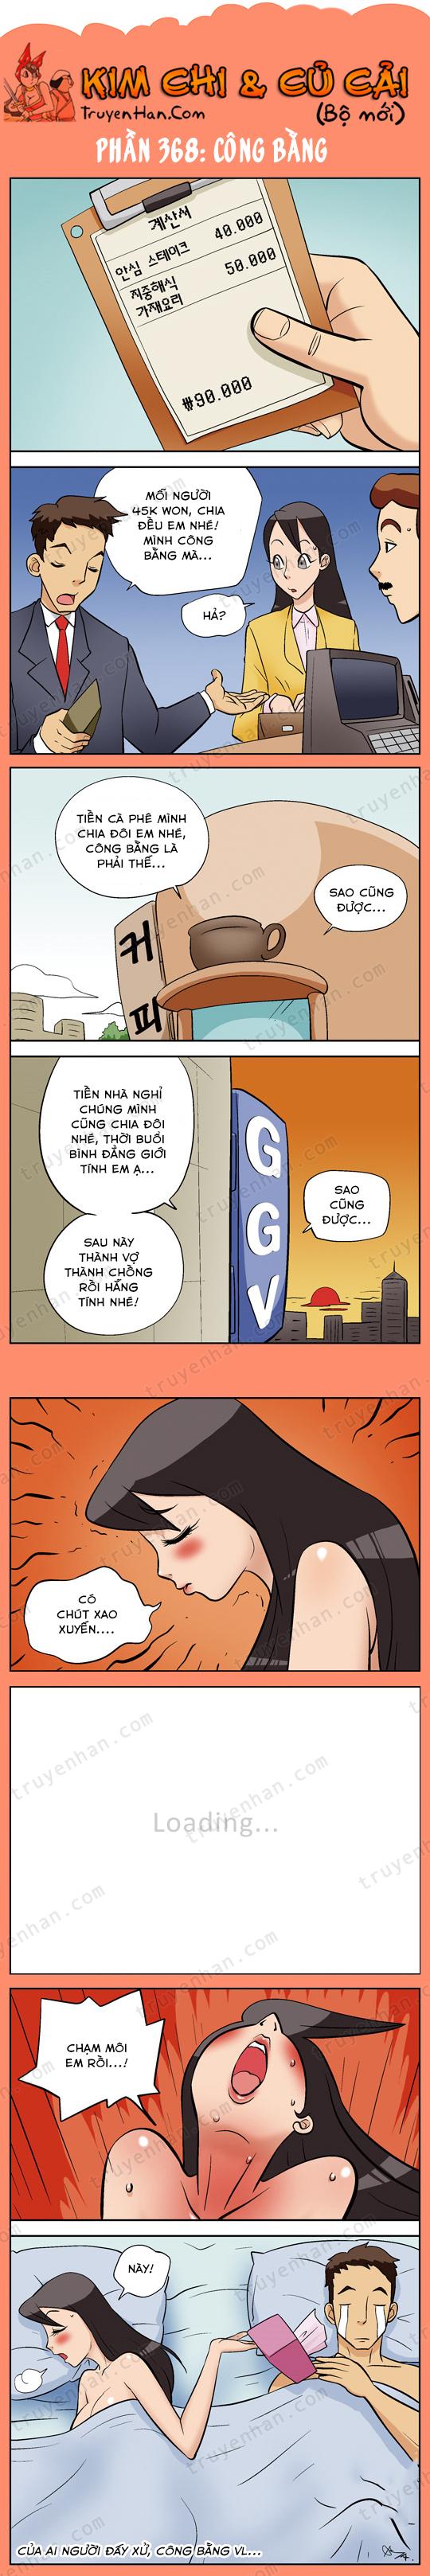 Kim Chi & Củ Cải (bộ mới) phần 368: Công bằng